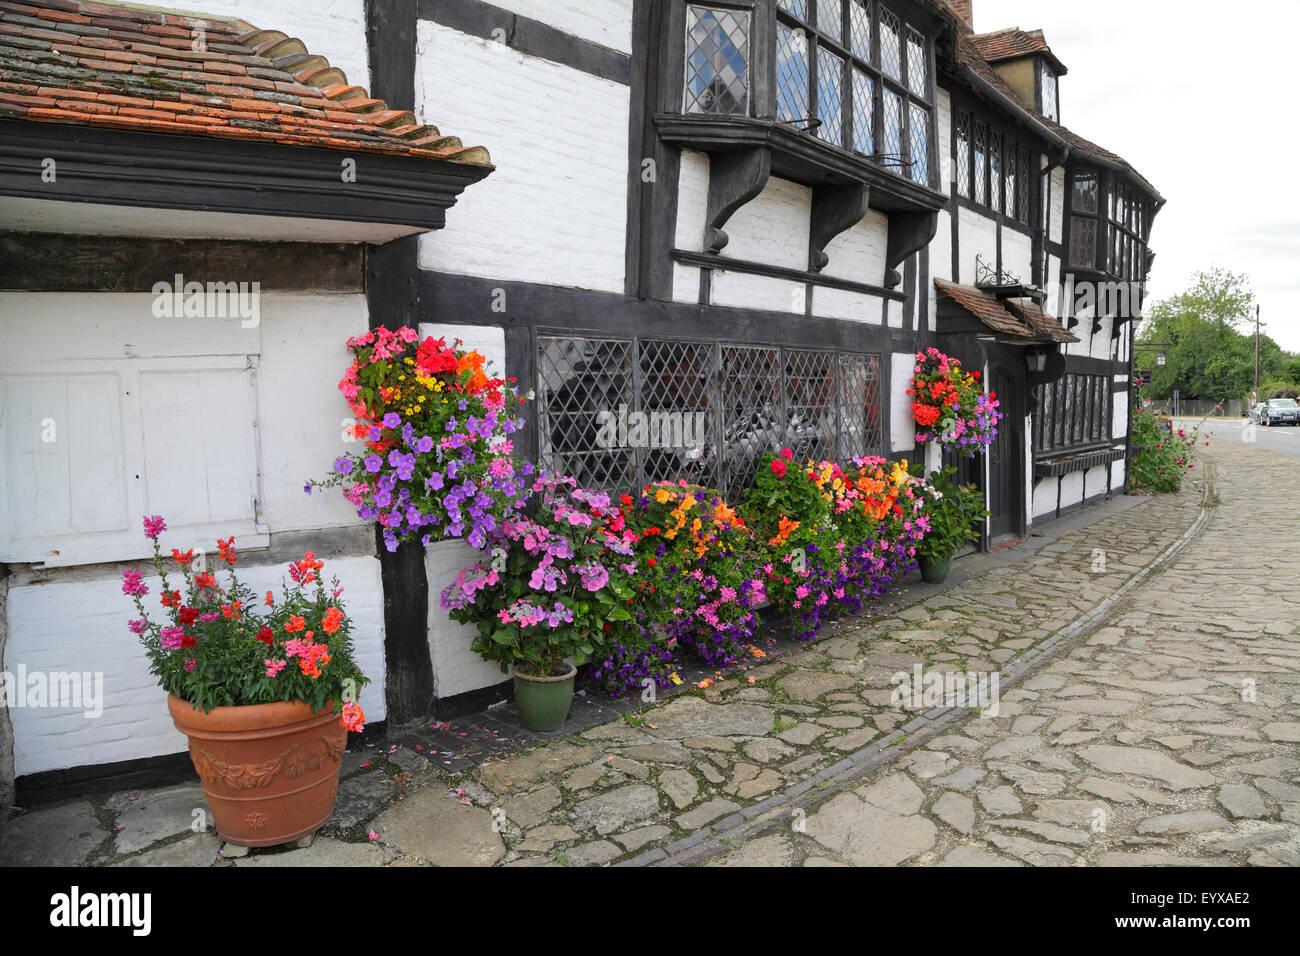 Bunte Balkonkästen rund um Gitter Fenster des mittelalterlichen Weber Cottage in Biddenden, Kent, UK Stockbild